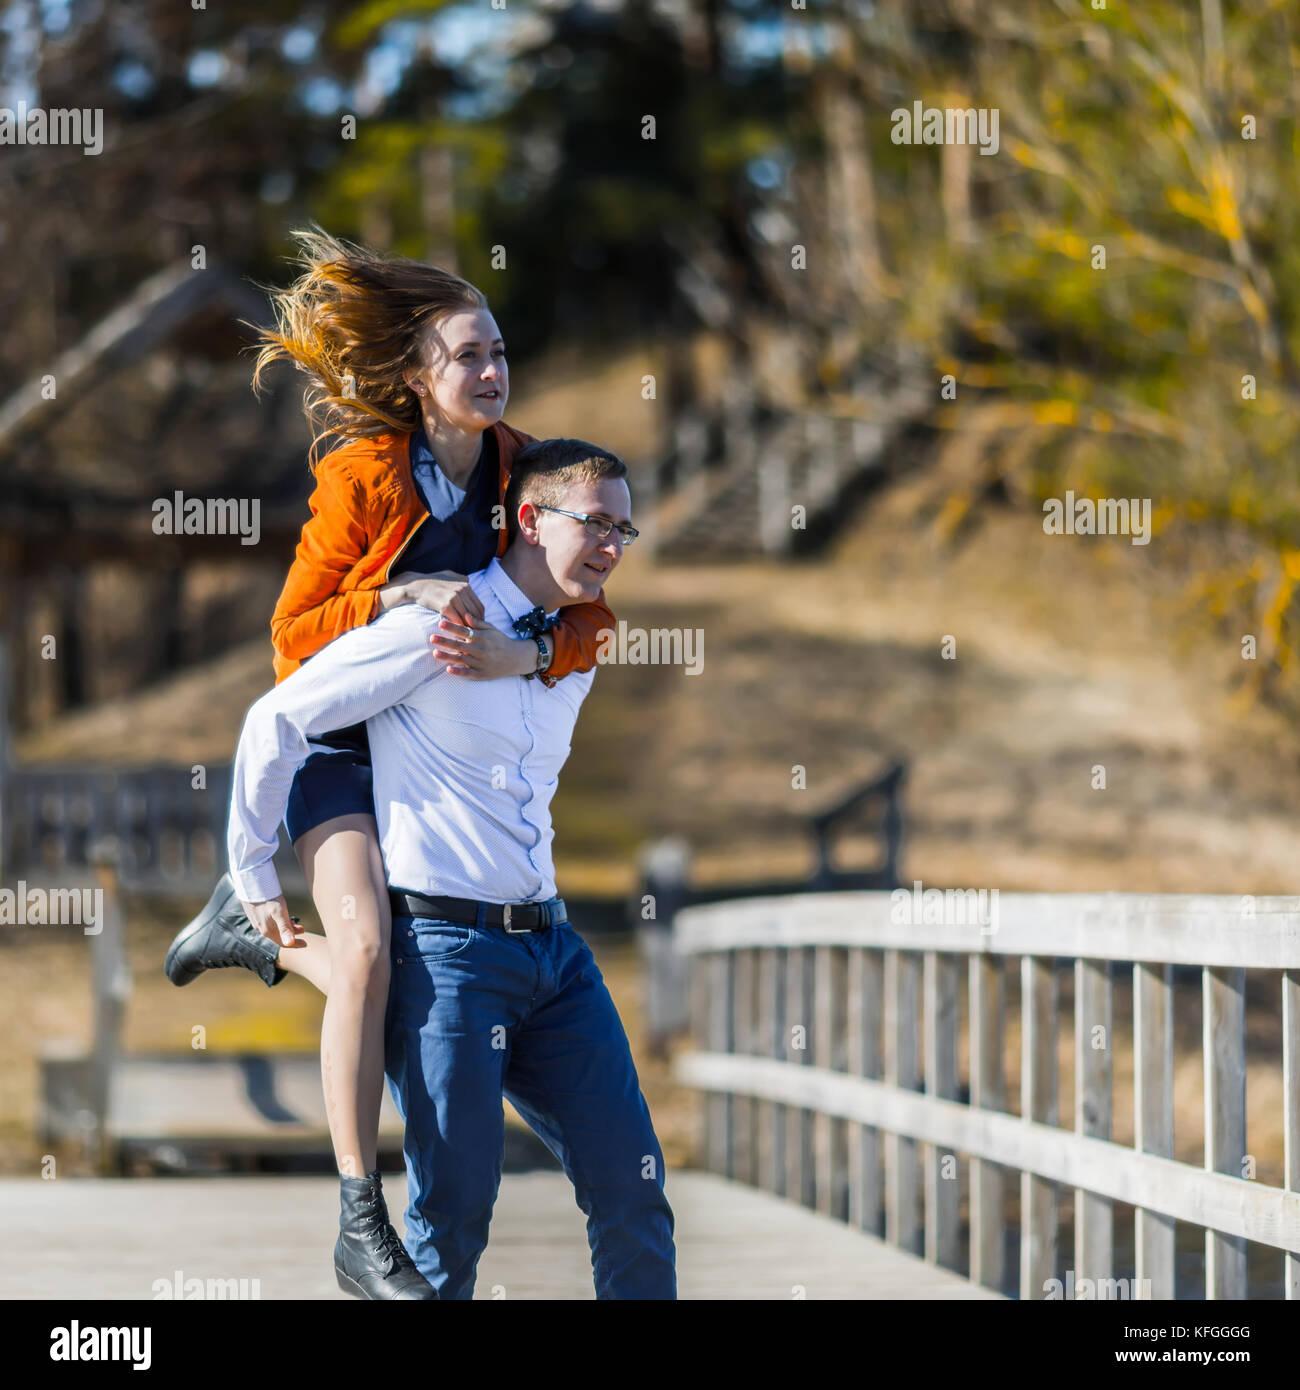 Felice l'uomo che porta la sua fidanzata sul retro sul ponte sopra il fiume. Immagini Stock